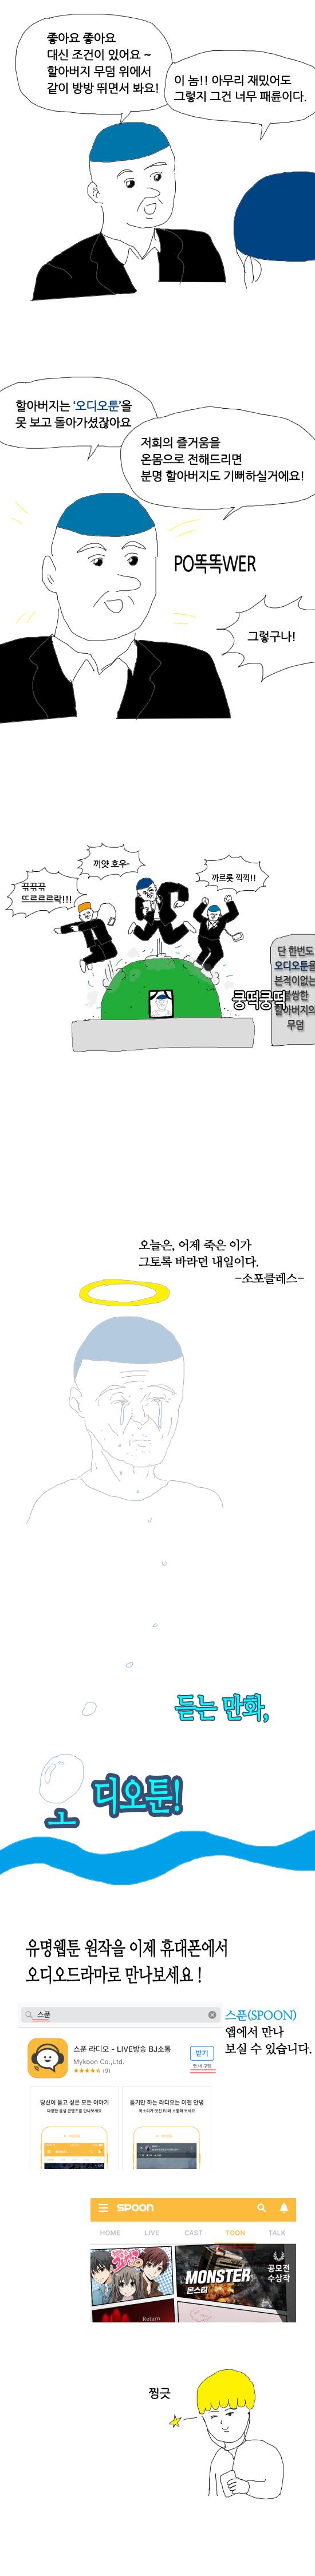 오디오툰_엉덩국편_02.jpg